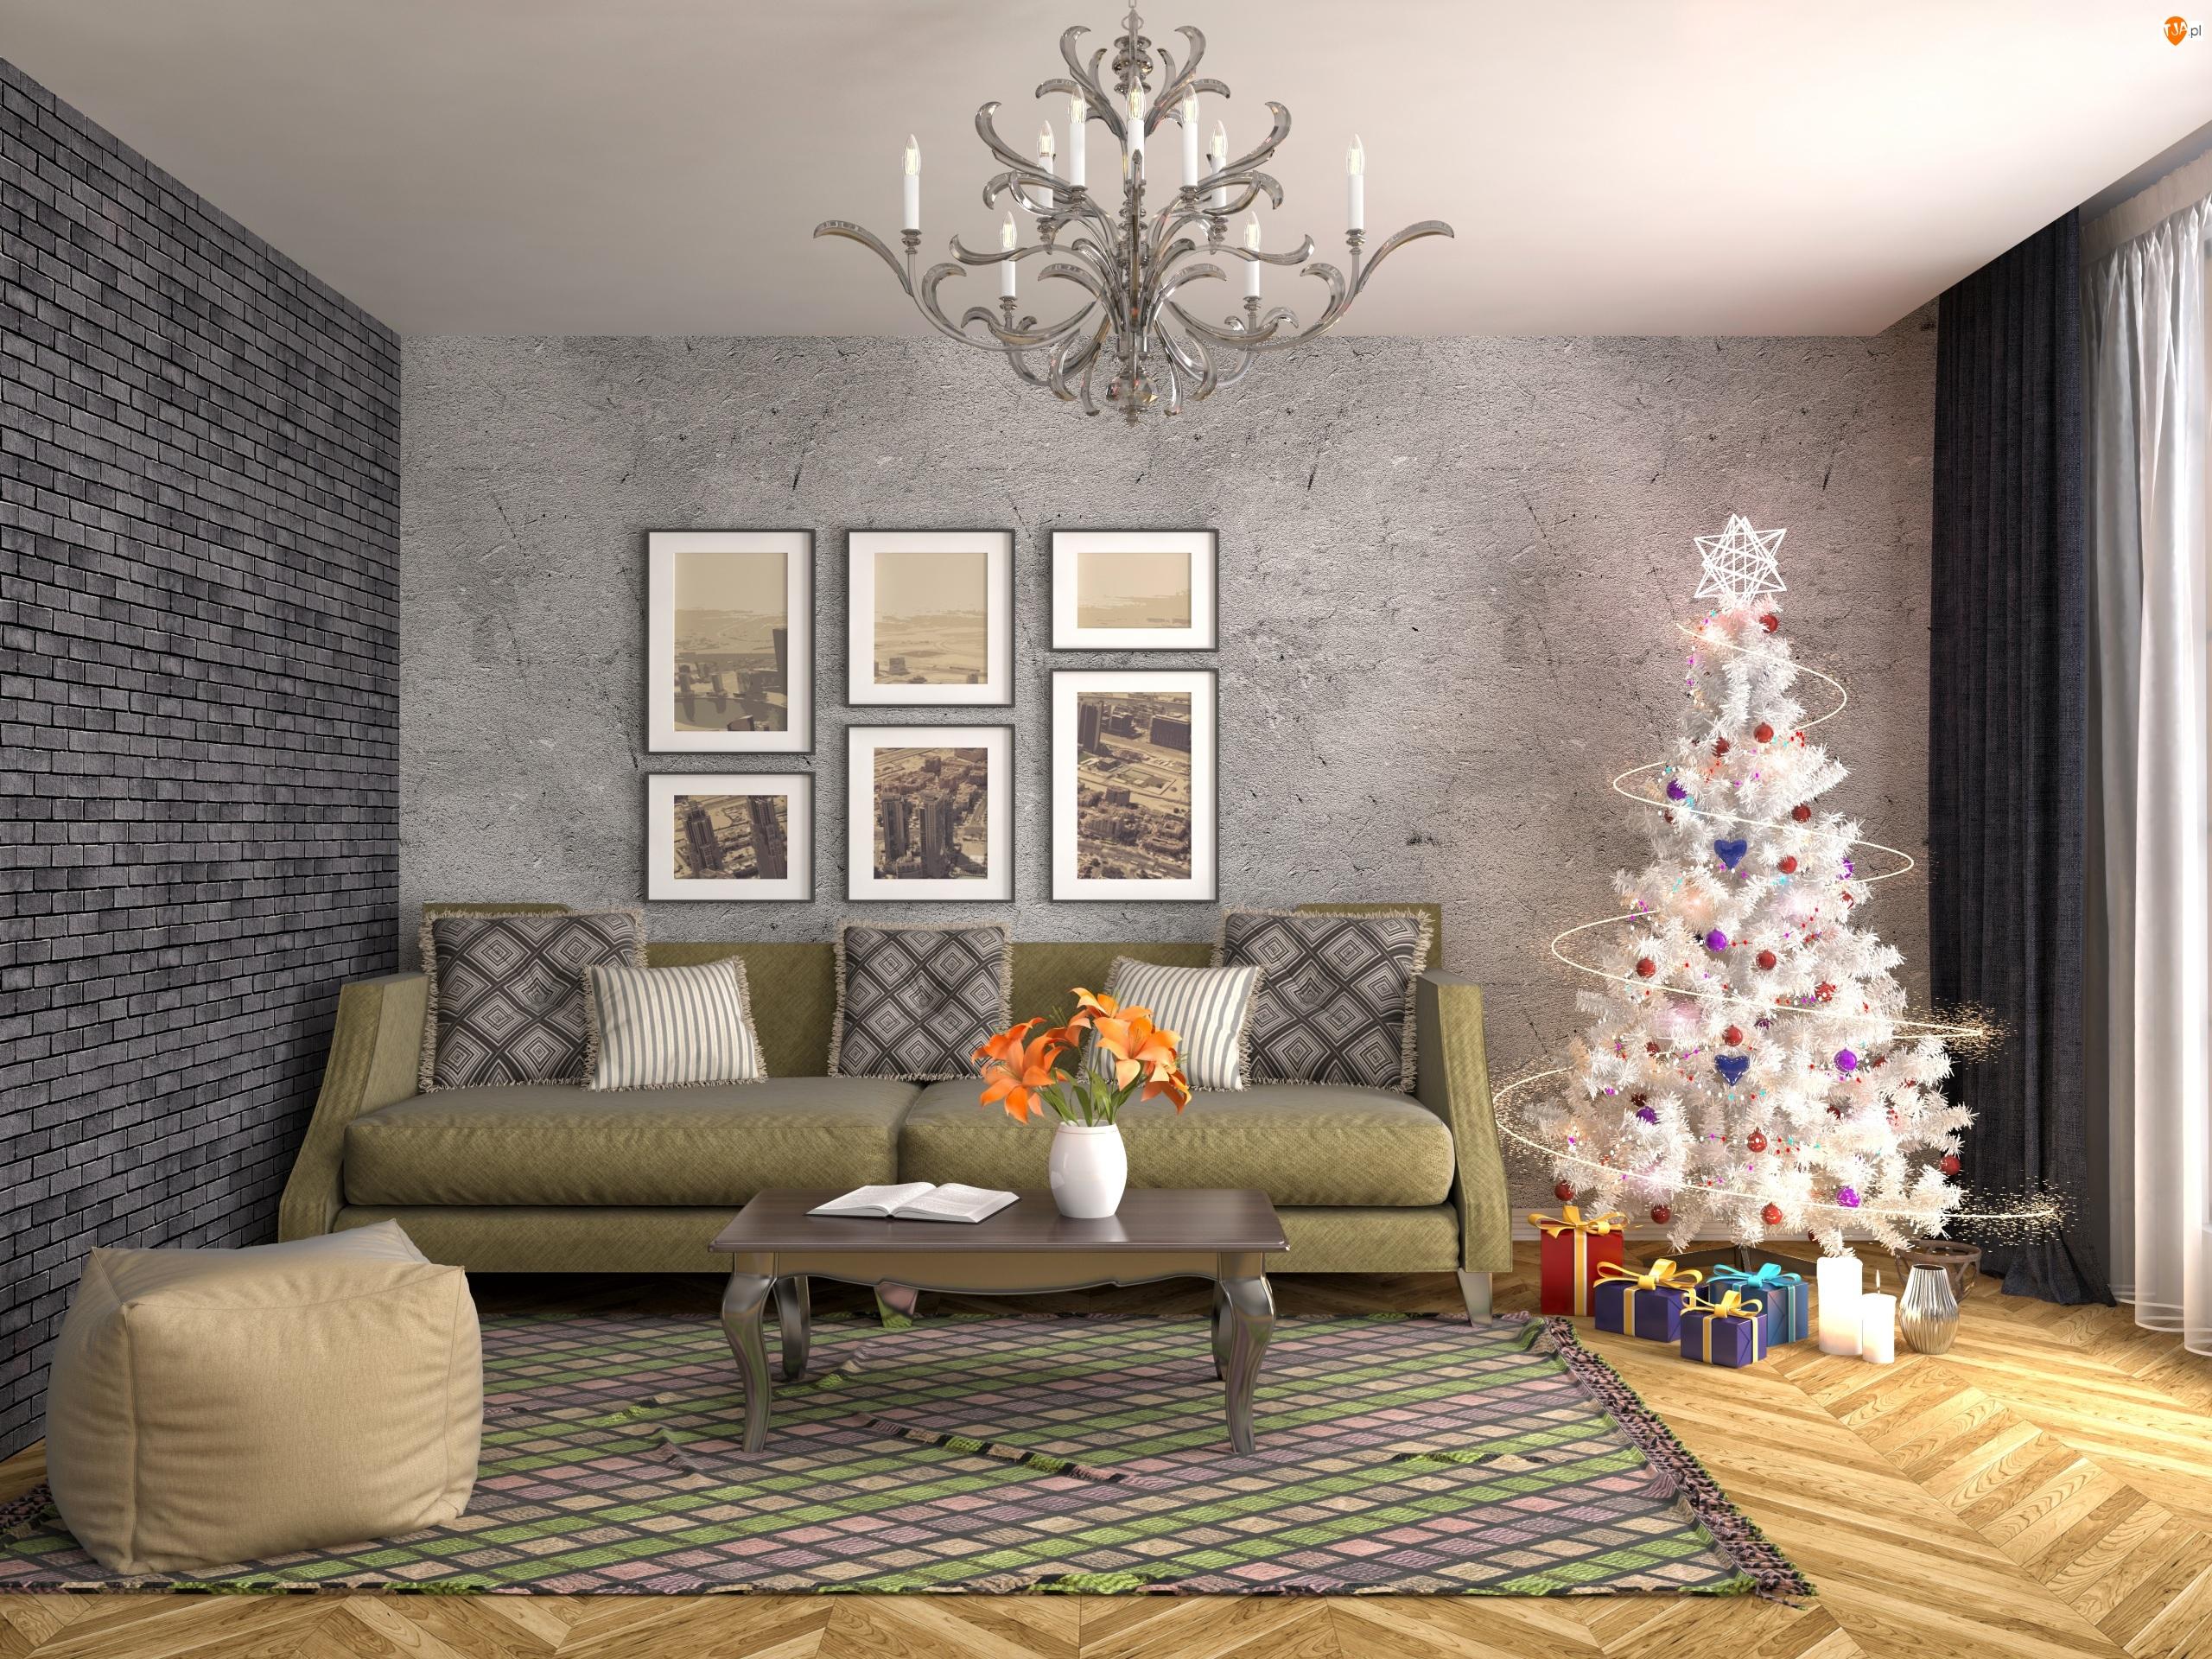 Pokój, Boże Narodzenie, Kanapa, Choinka